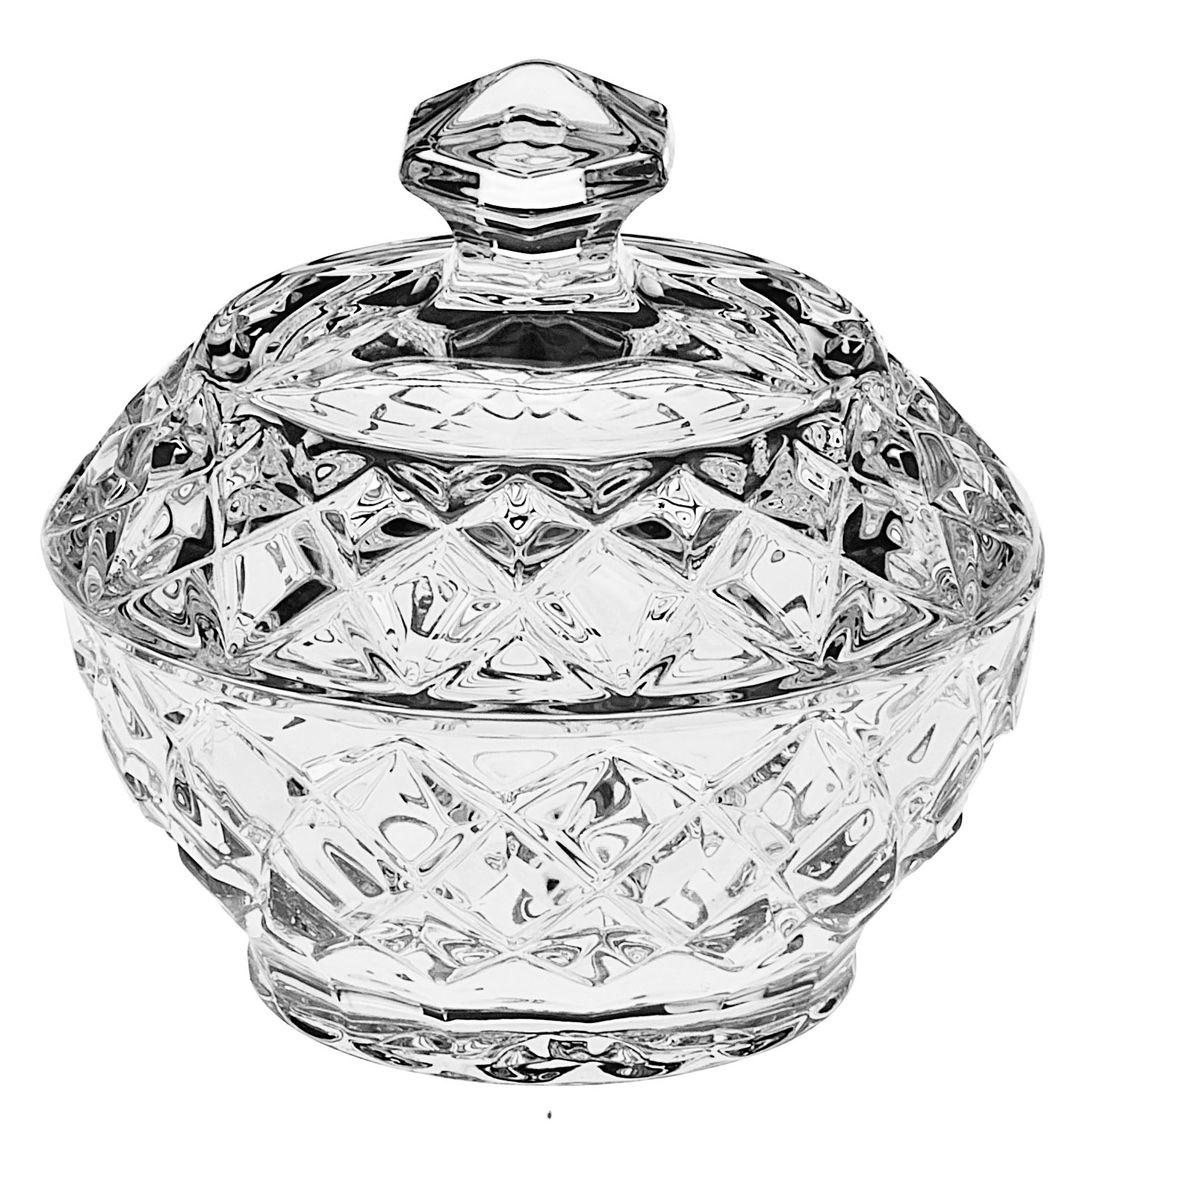 Доза Crystal Bohemia, диаметр 9,6 см471304Доза Crystal Bohemia выполнена из прочного высококачественного хрусталя. Она излучает приятный блеск и издает мелодичный звон. Доза сочетает в себе изысканный дизайн с максимальной функциональностью. Доза не только украсит дом и подчеркнет ваш прекрасный вкус, но и станет отличным подарком.